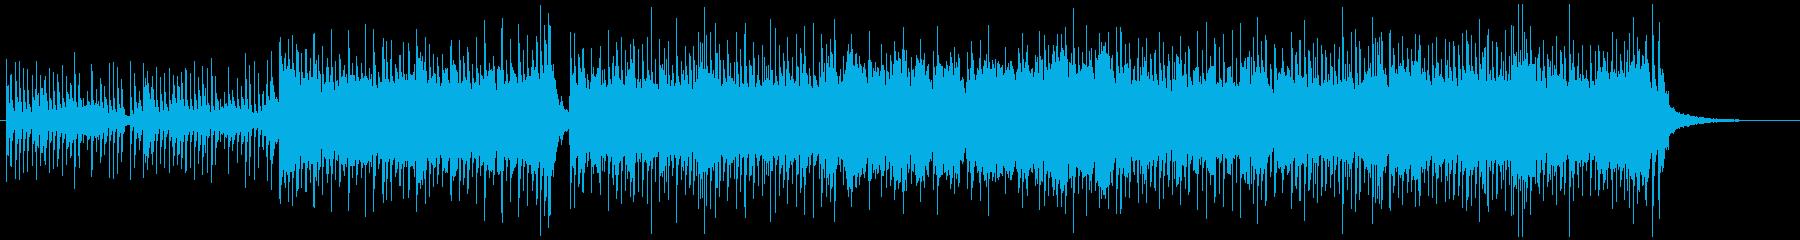 和風、三味線メタル2、激しい(声入り)Cの再生済みの波形